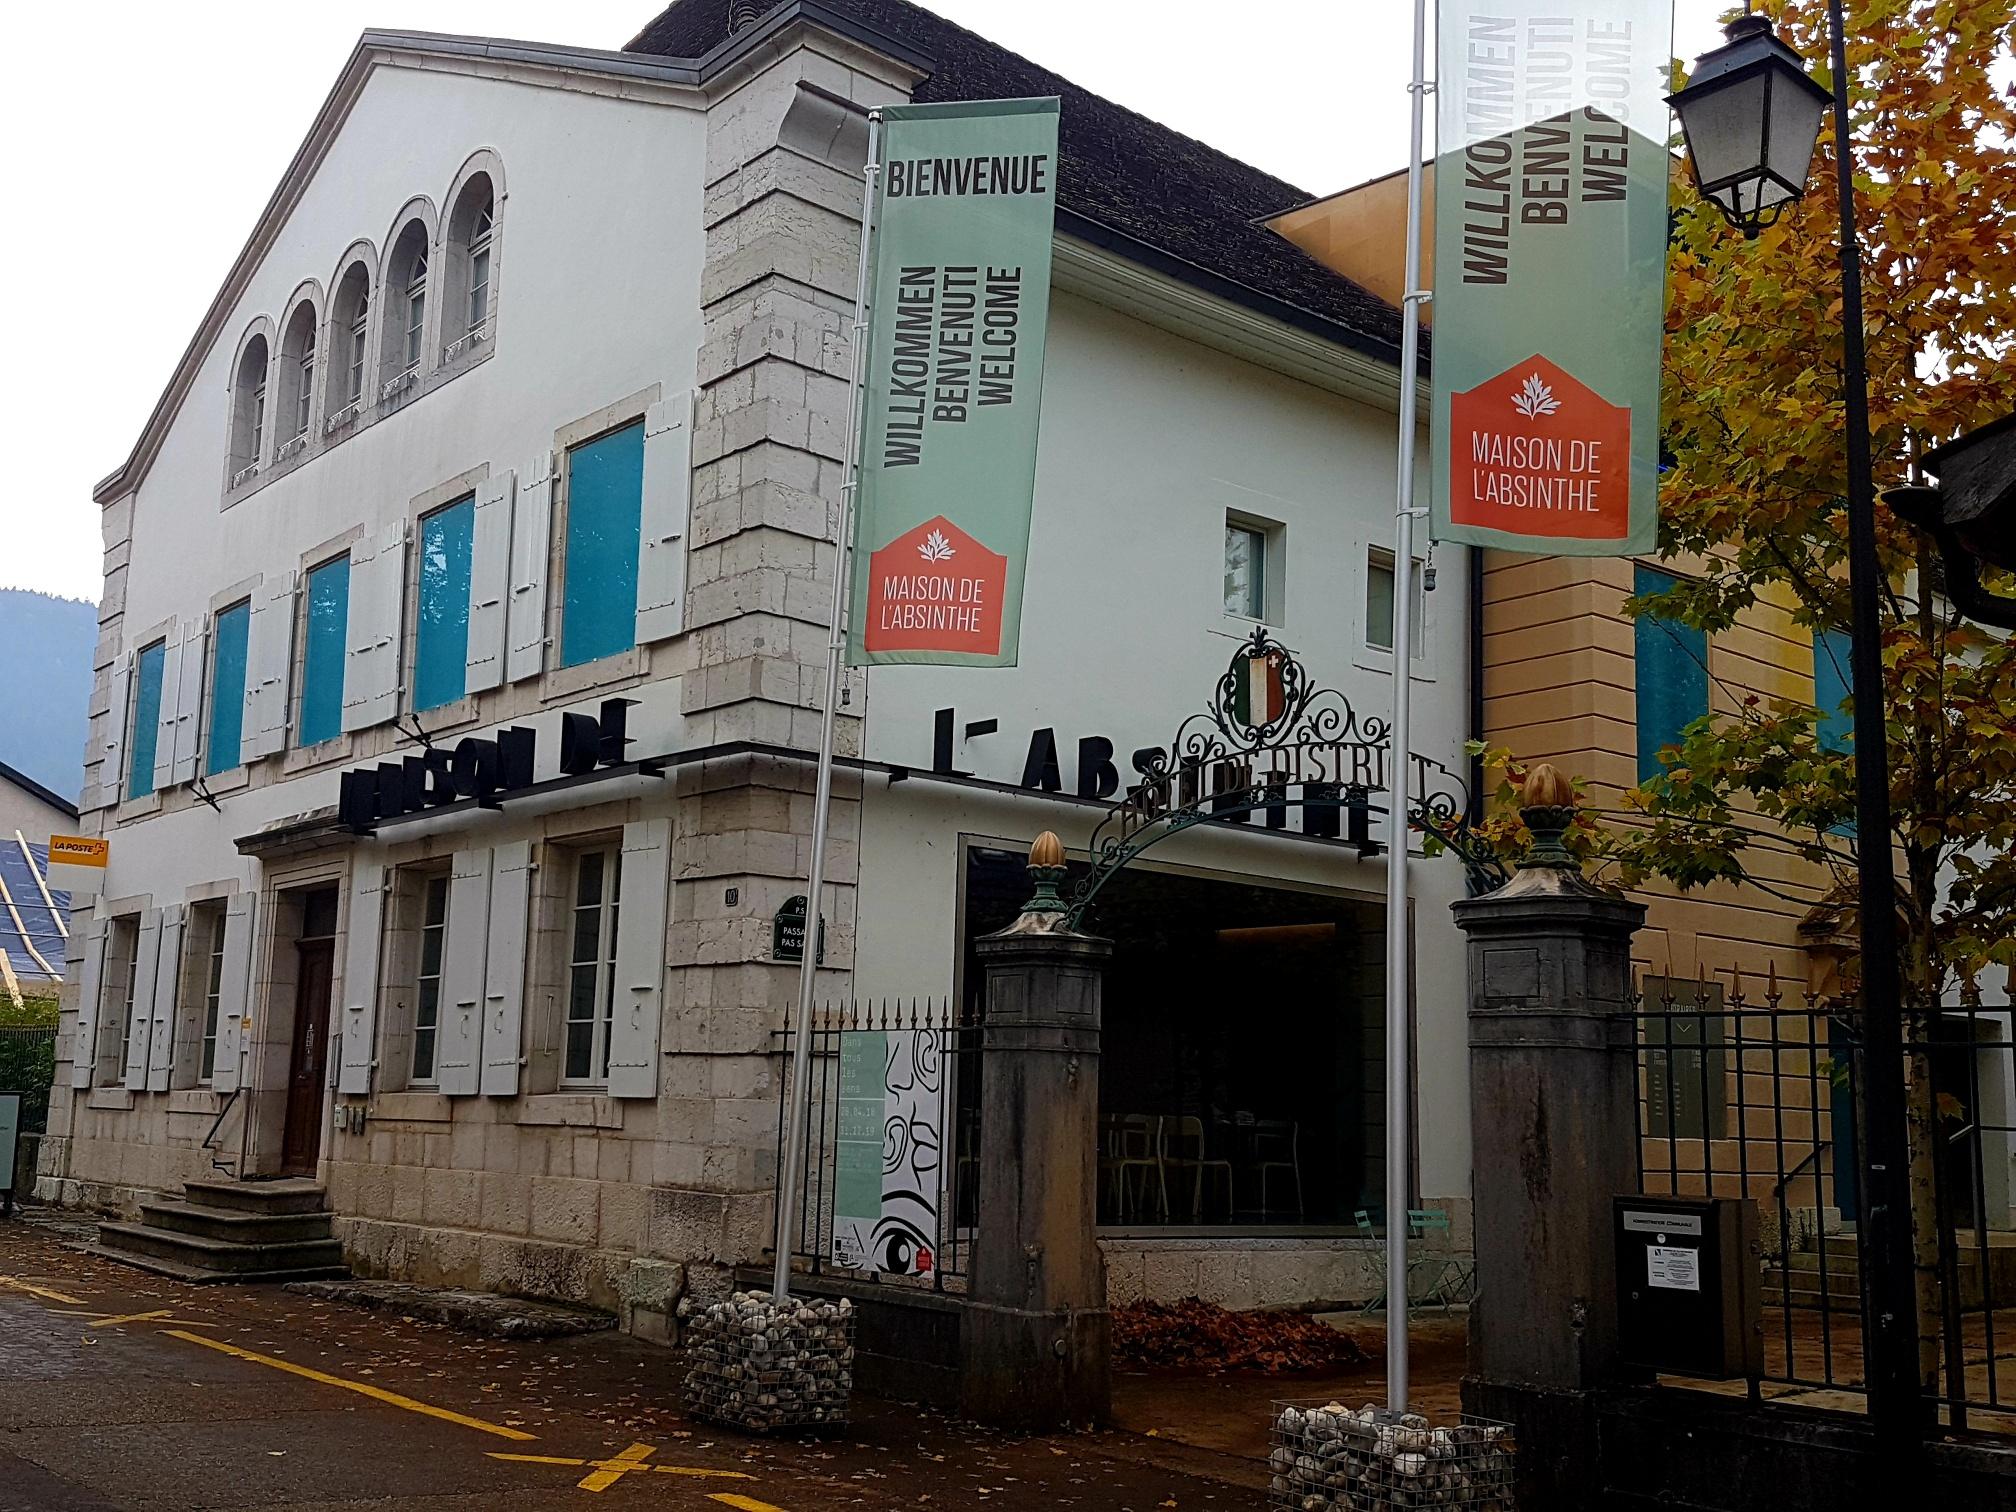 La filiale in partenariato di Môtiers ha aperto i battenti nel luglio del 2014 nella Casa dell'assenzio.